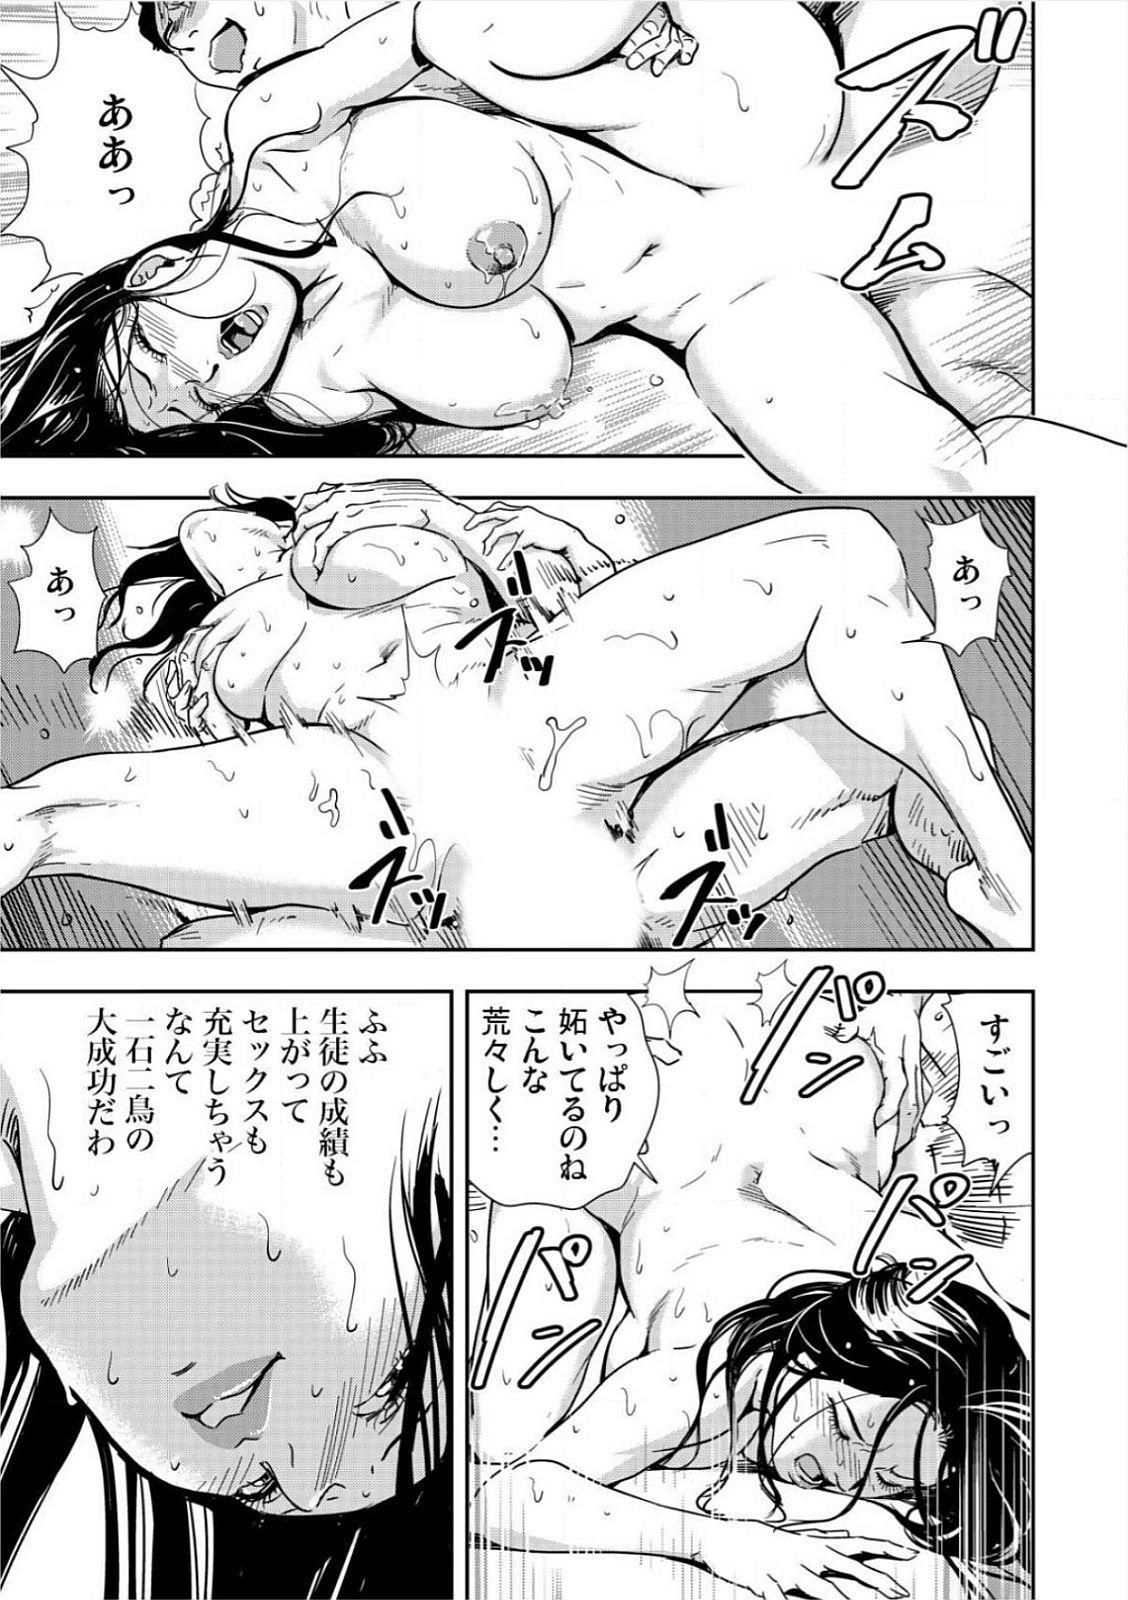 [Misaki Yukihiro] Kyousei Shidou ~Mechakucha ni Kegasarete~ (1)~(6) [Digital] 116